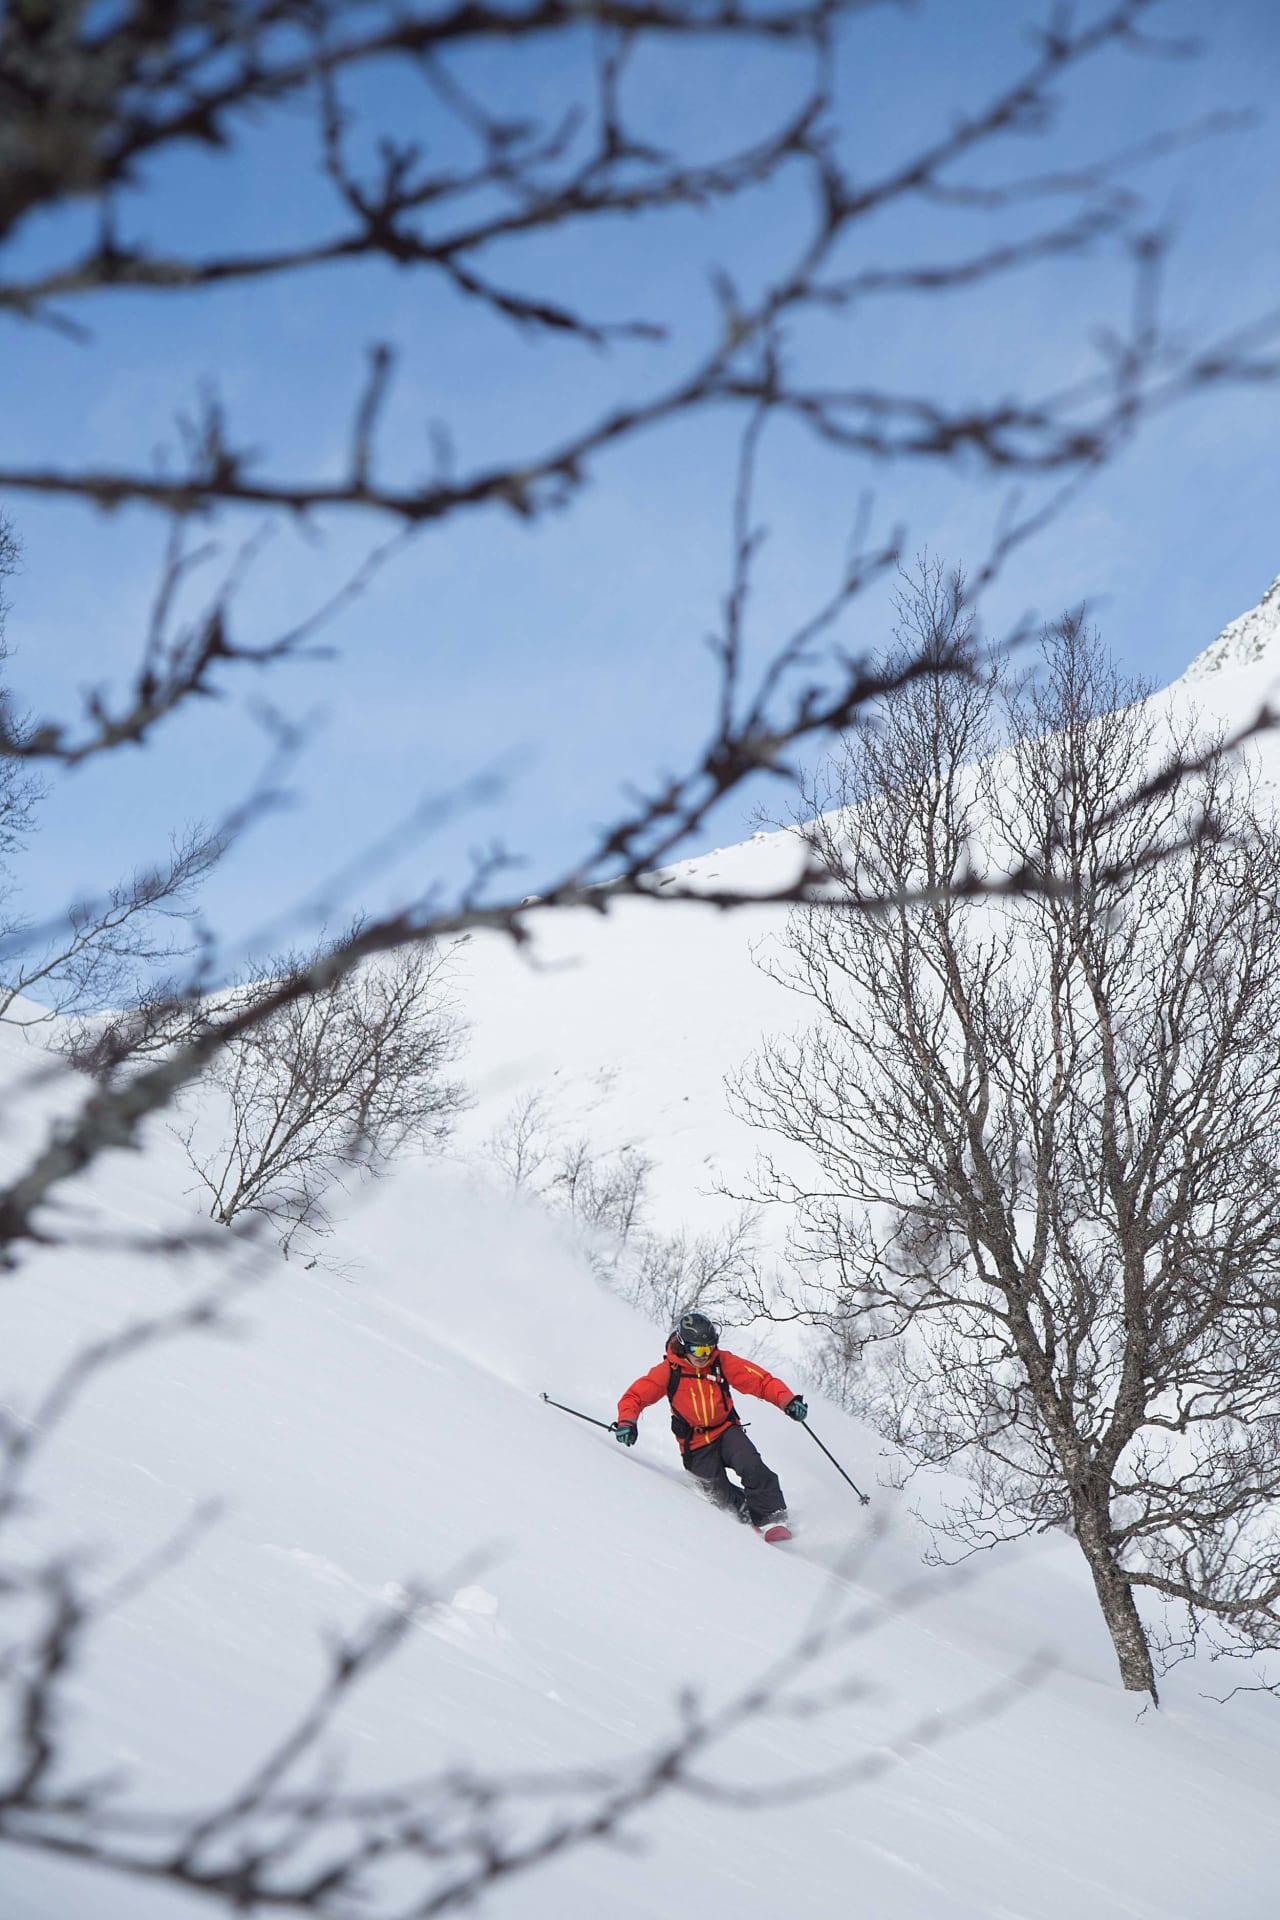 HJEMMEKJÆR: Sondre Loftsgarden bor i Sogndal, men om det snør hjemme i Rauland, er han ikke vond å be om å kaste seg i bilen hjemover. Foto: Thomas Kleiven